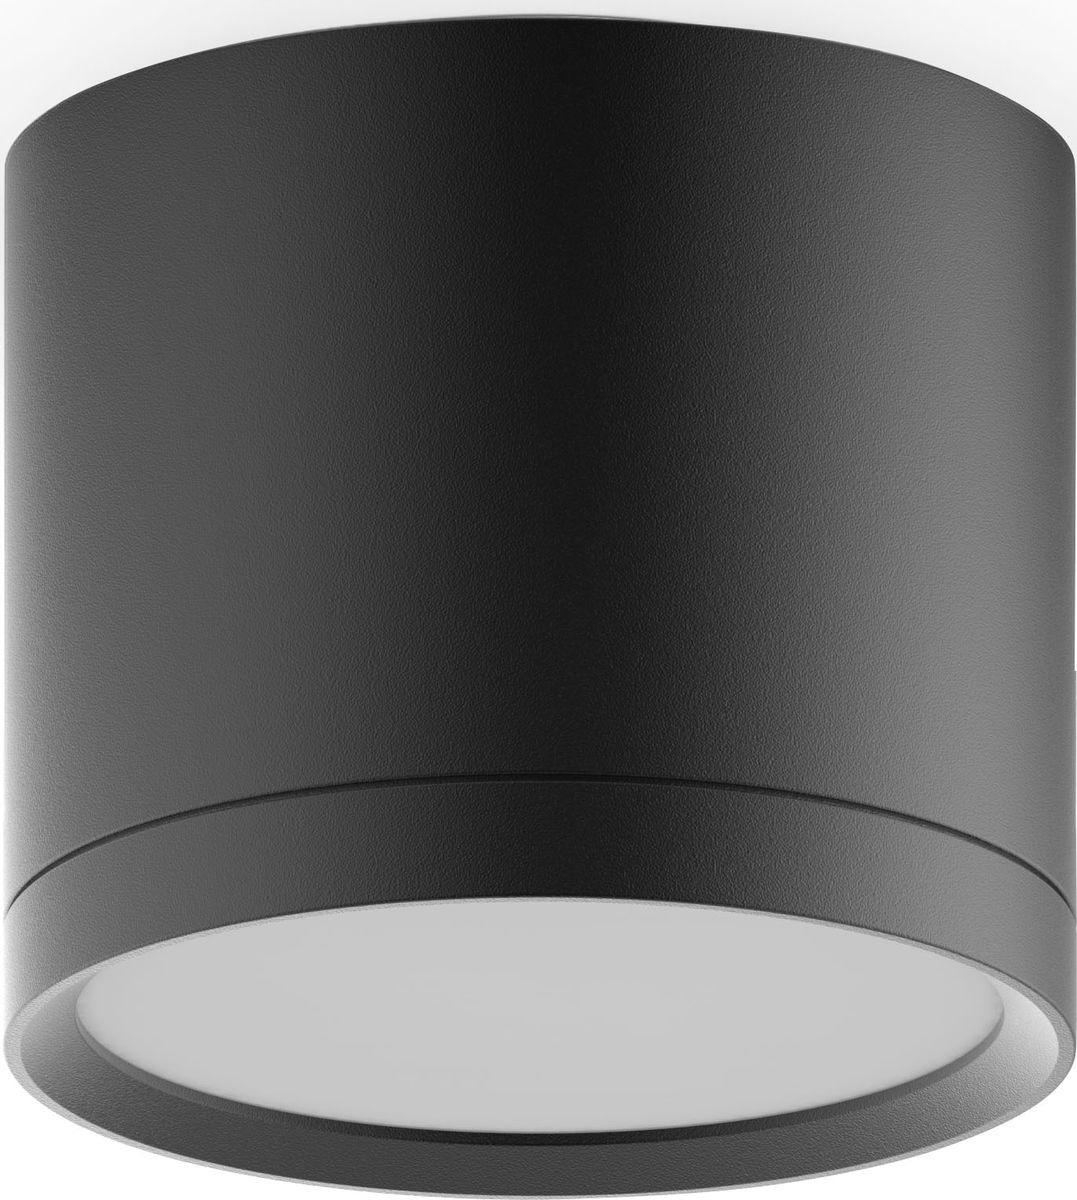 Накладной светильник Gauss Overhead LED с рассеивателем, HD017, 10W, 4100K, 720Лм, 1/30